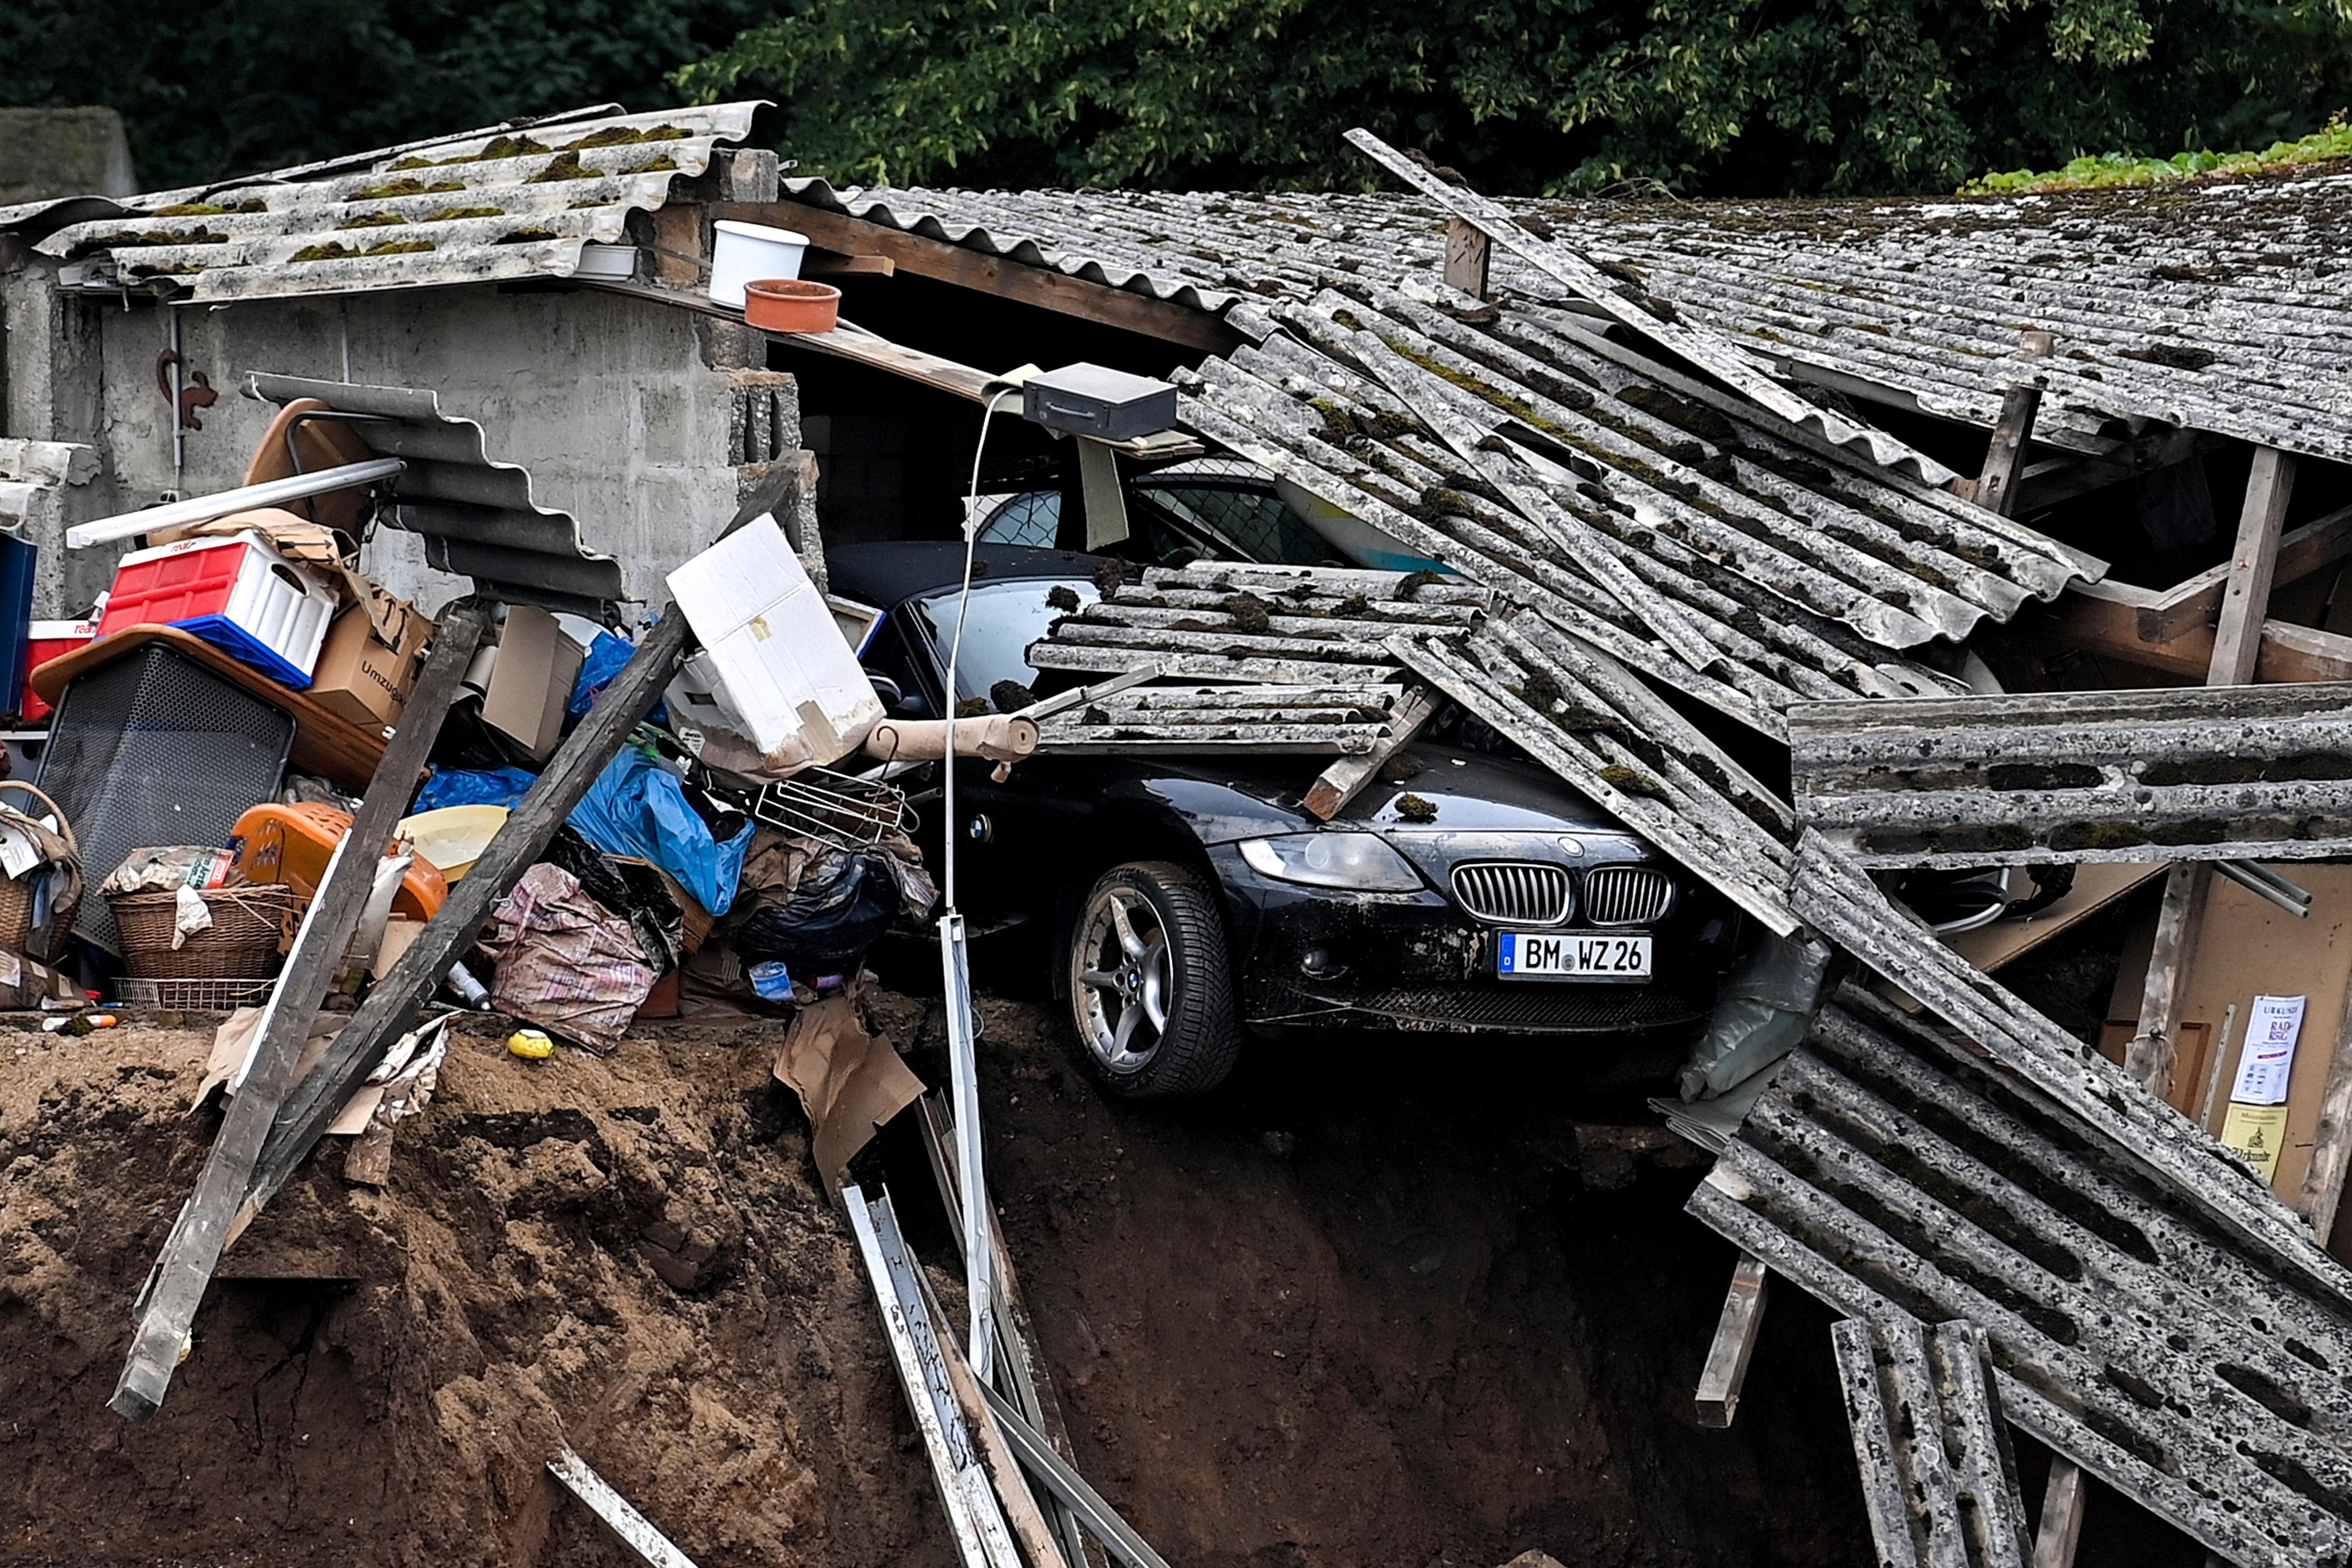 जर्मनी के ब्लेसेम शहर में लैंडस्लाइड के बाद घर बर्बाद हो गया। यहां खड़ी कार को नुकसान पहुंचा।